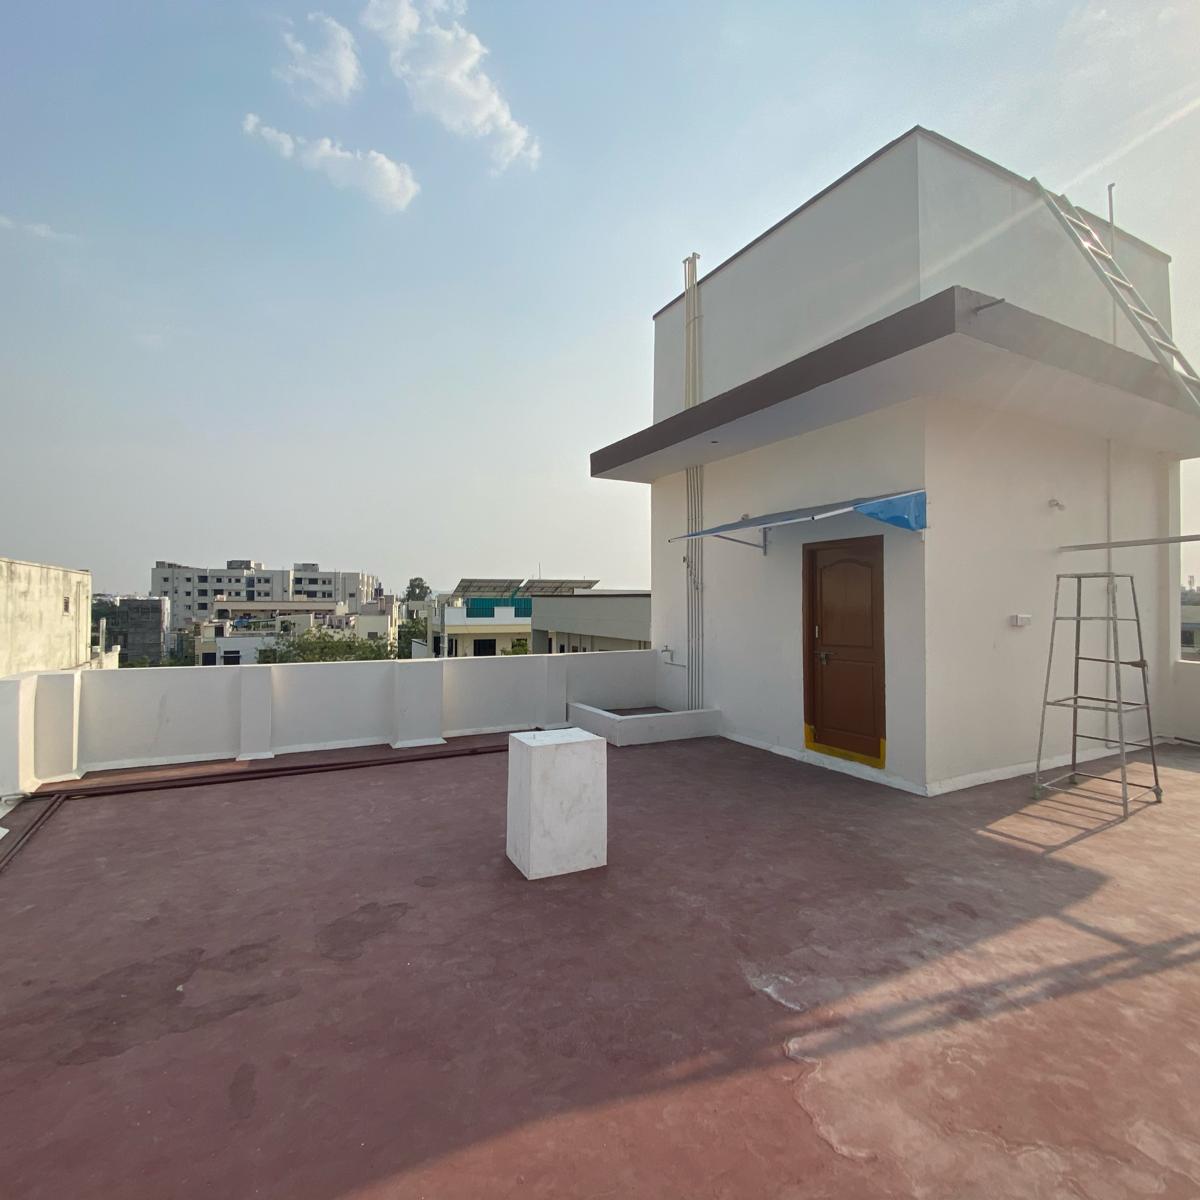 terrace-Picture-karmanghat-2488275